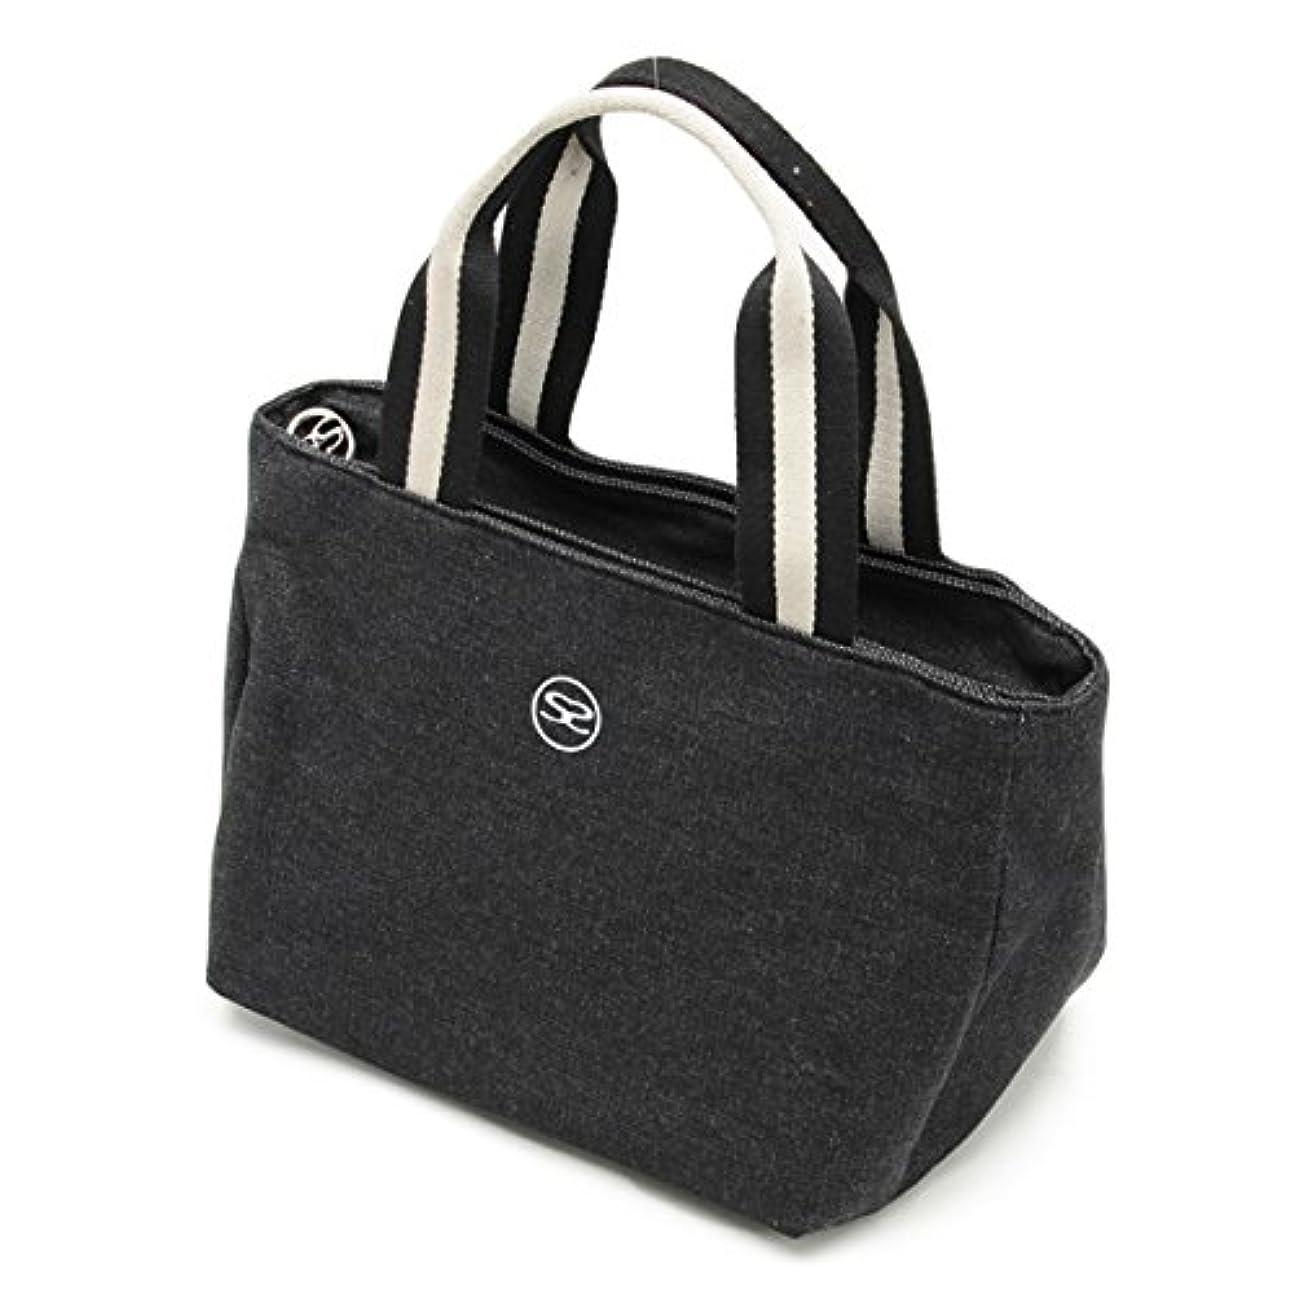 健康的ぞっとするようなオークション(サボイ)SAVOY ハンドバッグ SM1801501 ブラック